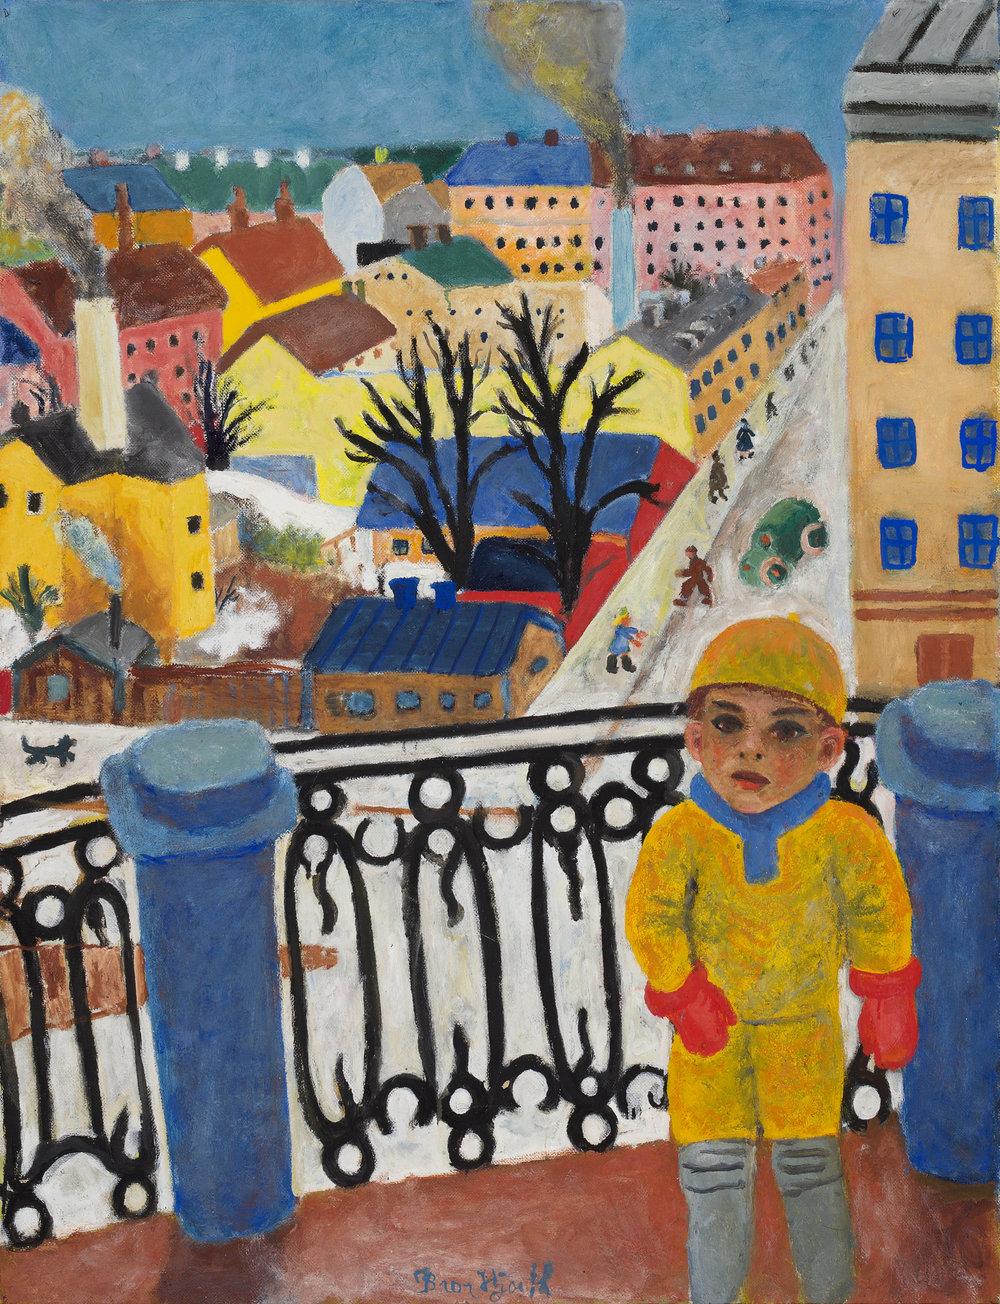 Bror Hjorth   Utsikt över Skånegatan – Olle på balkongen  1932 Oil on canvas 116 x 89 cm